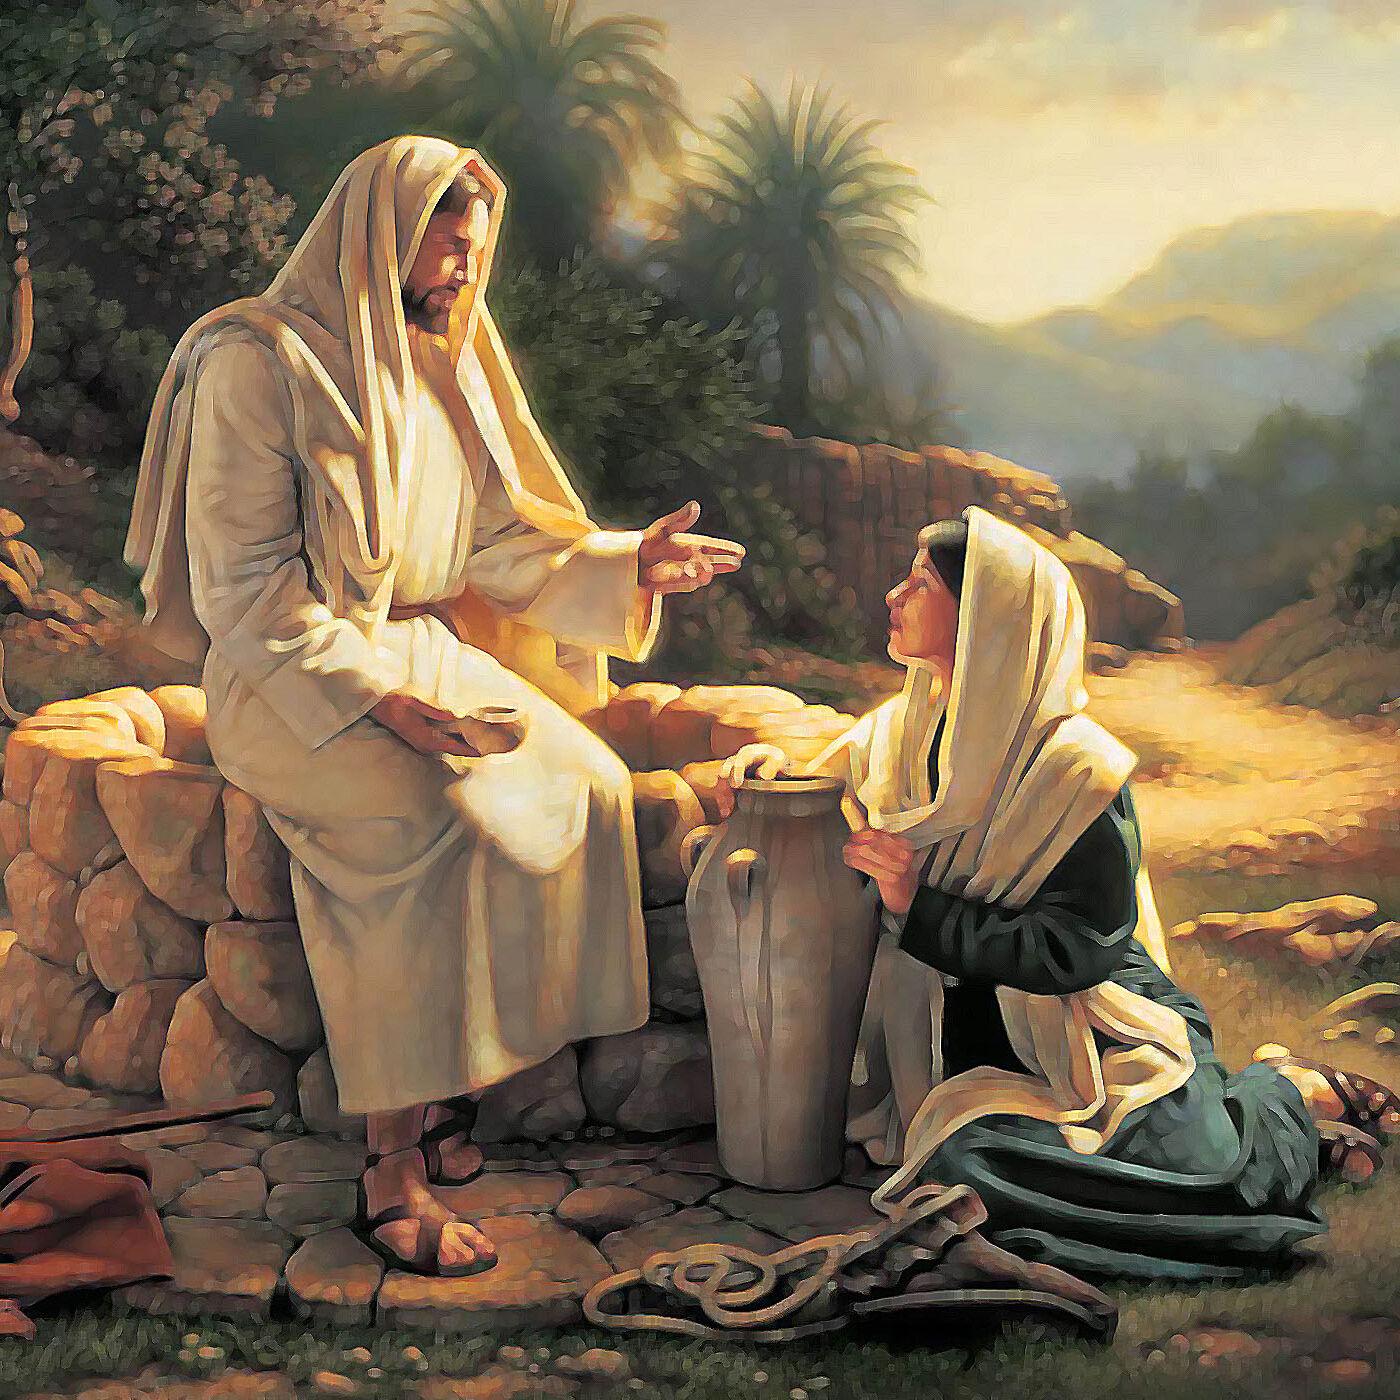 riflessioni sul Vangelo di Martedì 6 Luglio 2021 (Mt 9, 32-38) - Apostola Michela